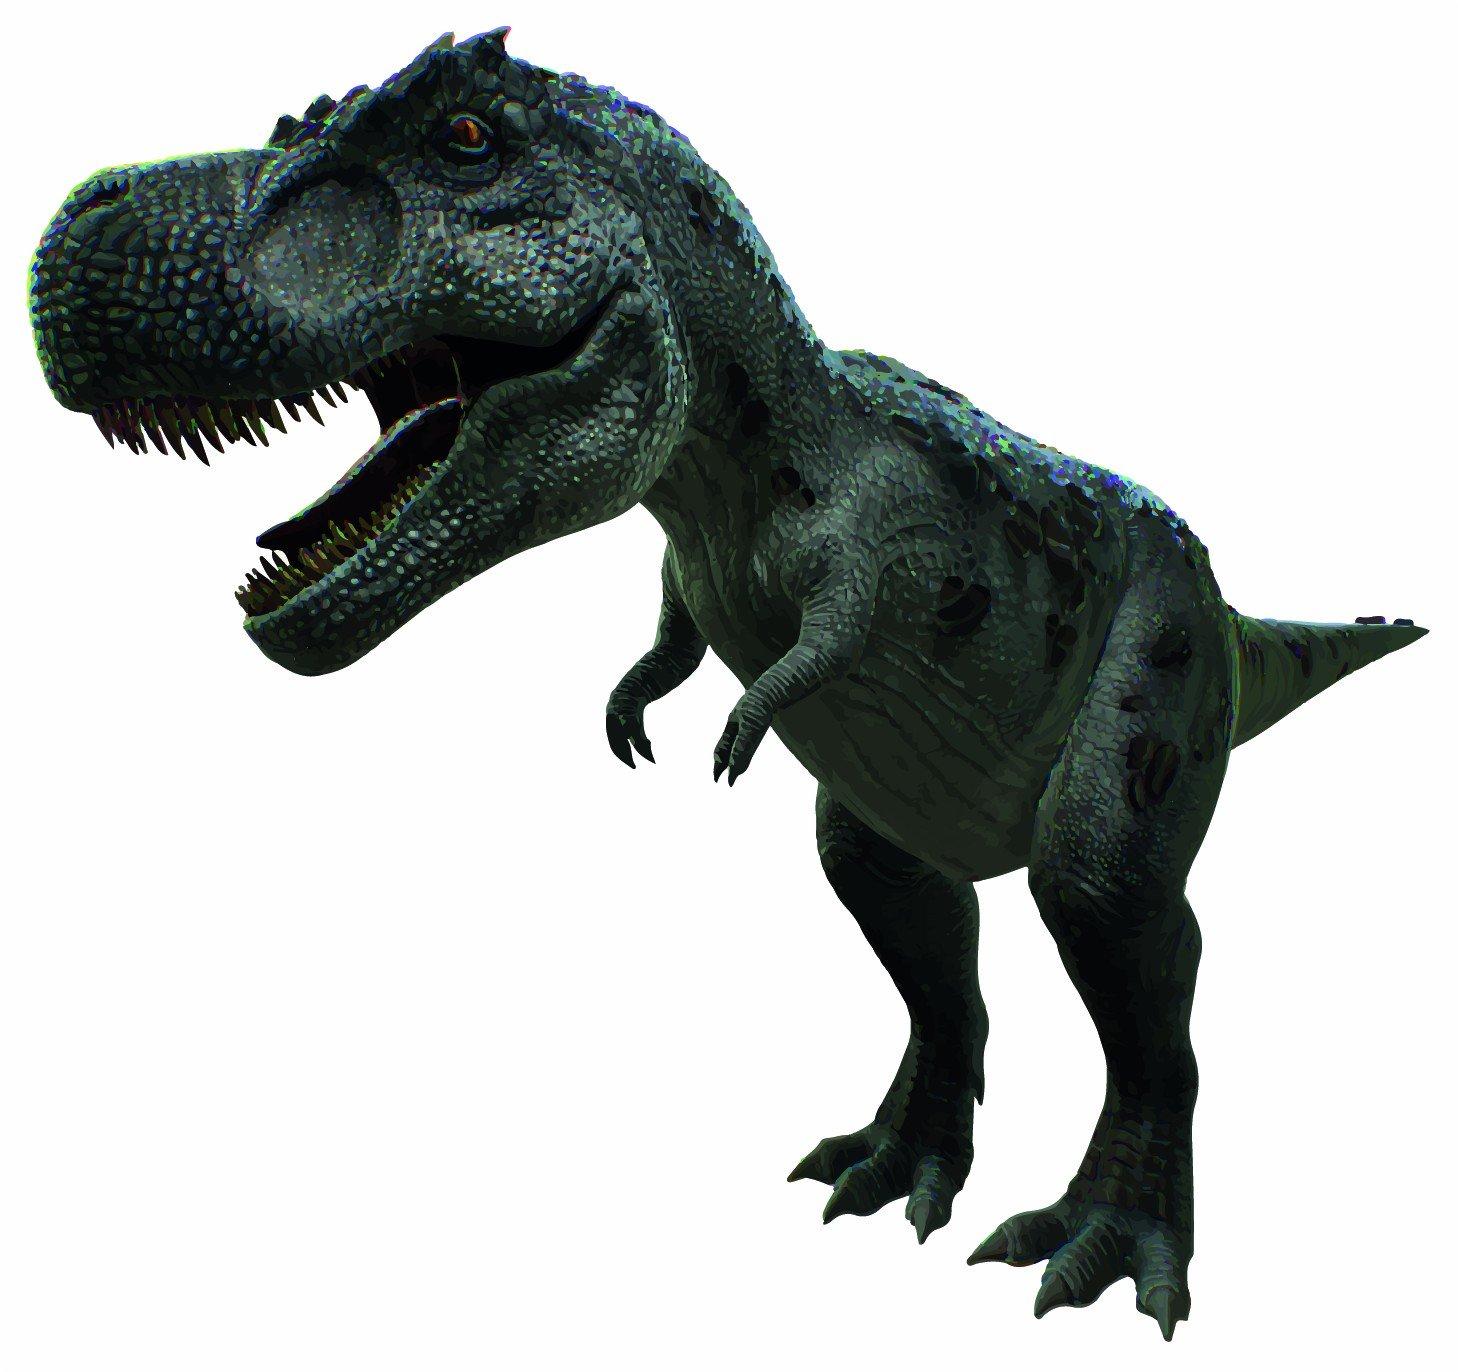 55ccf59439 Wallpaper : 1458x1372 px, ark, Ark Survival Evolved, dino, dinosaurs ...